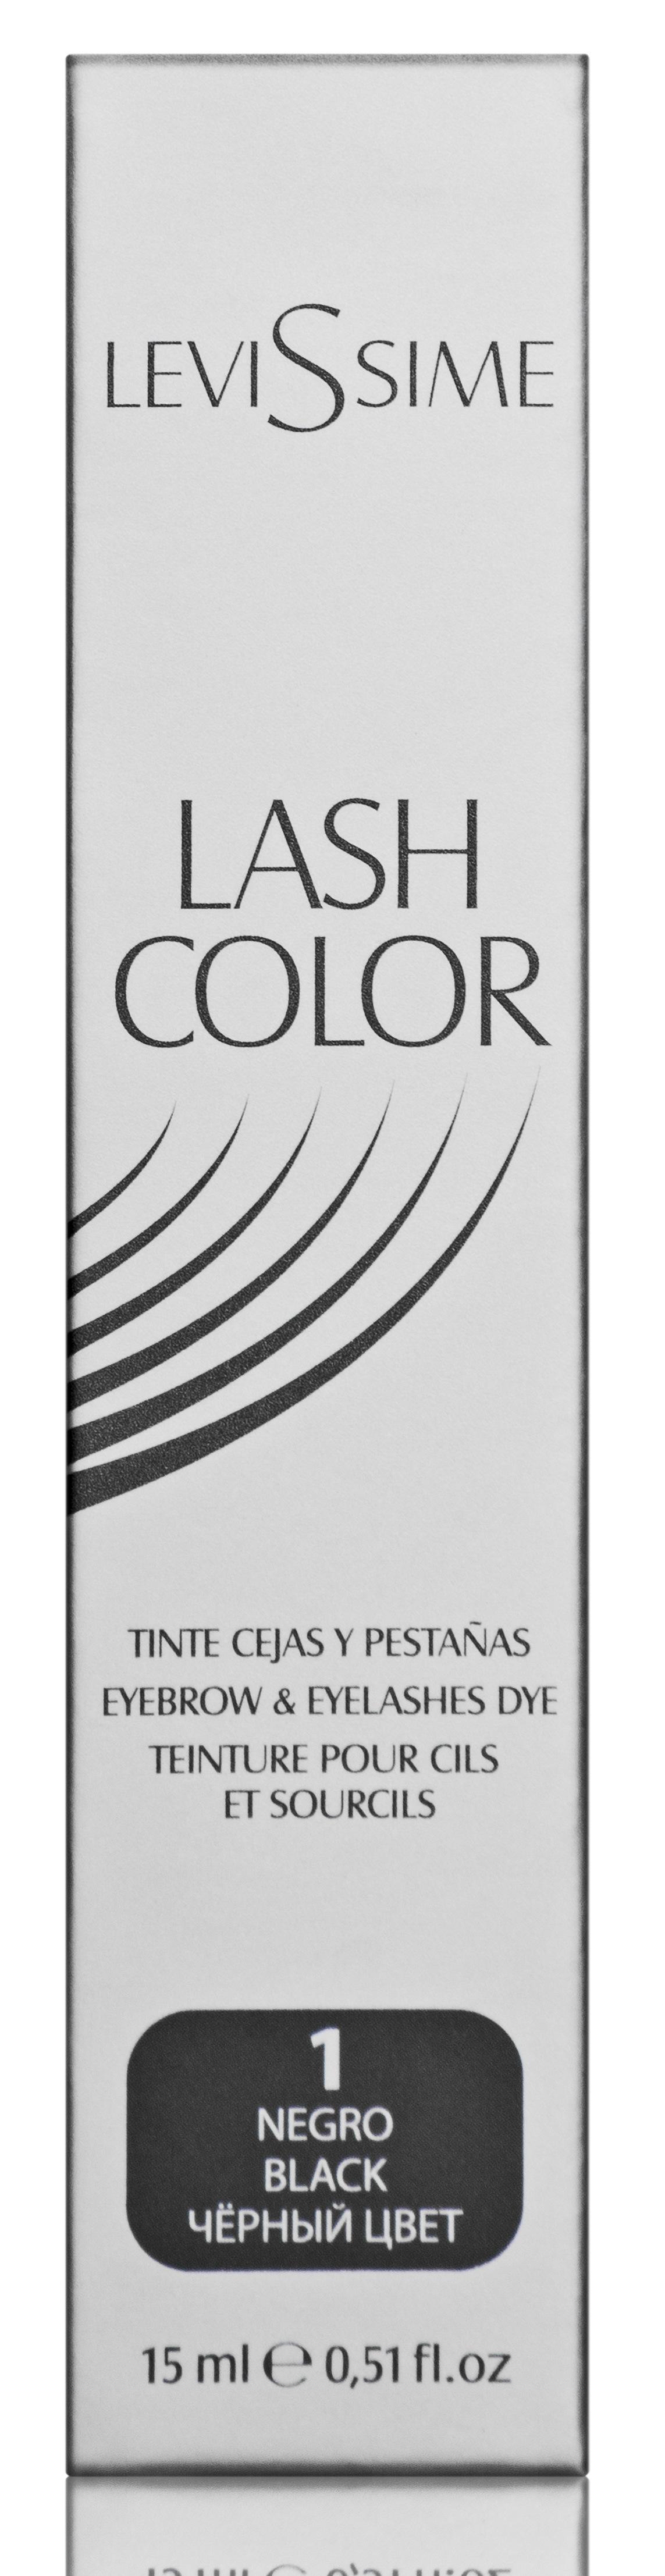 LEVISSIME Краска для бровей и ресниц, № 1 черный / Lash Color 15 мл -  Краски для бровей